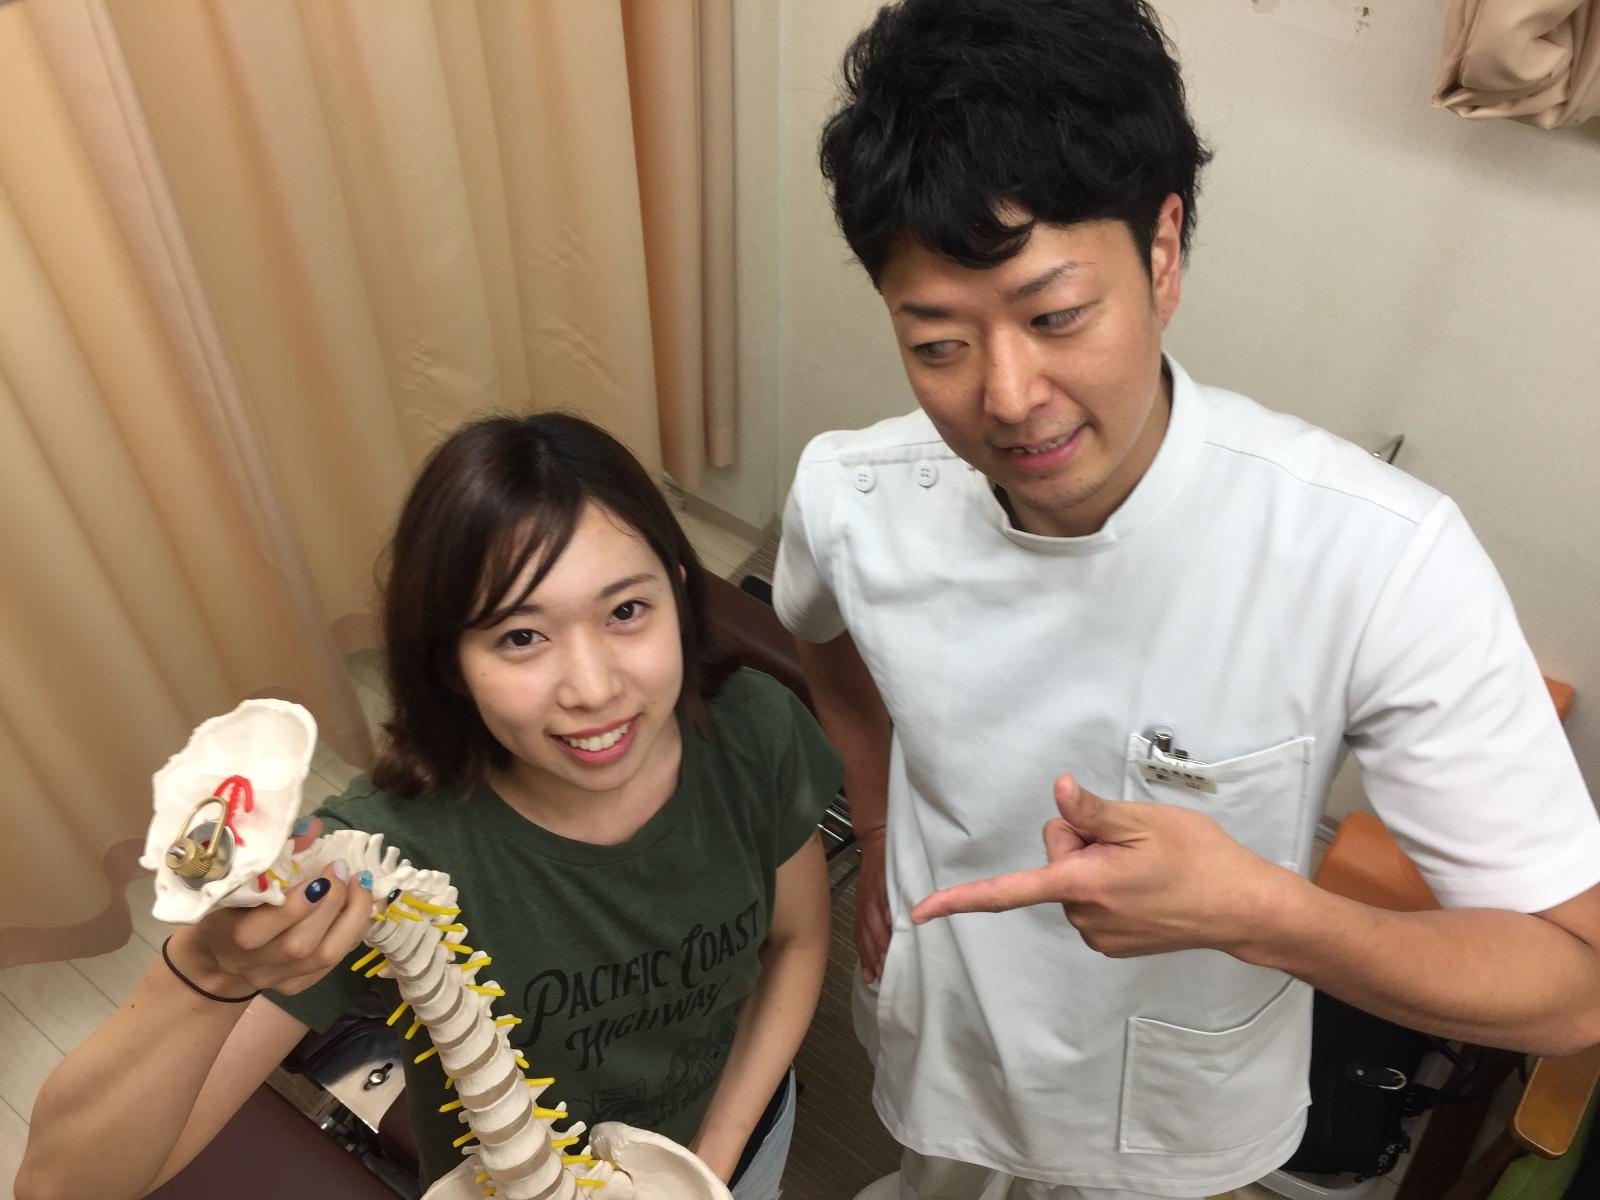 りらく鍼灸接骨院に出会えて本当に良かったです。